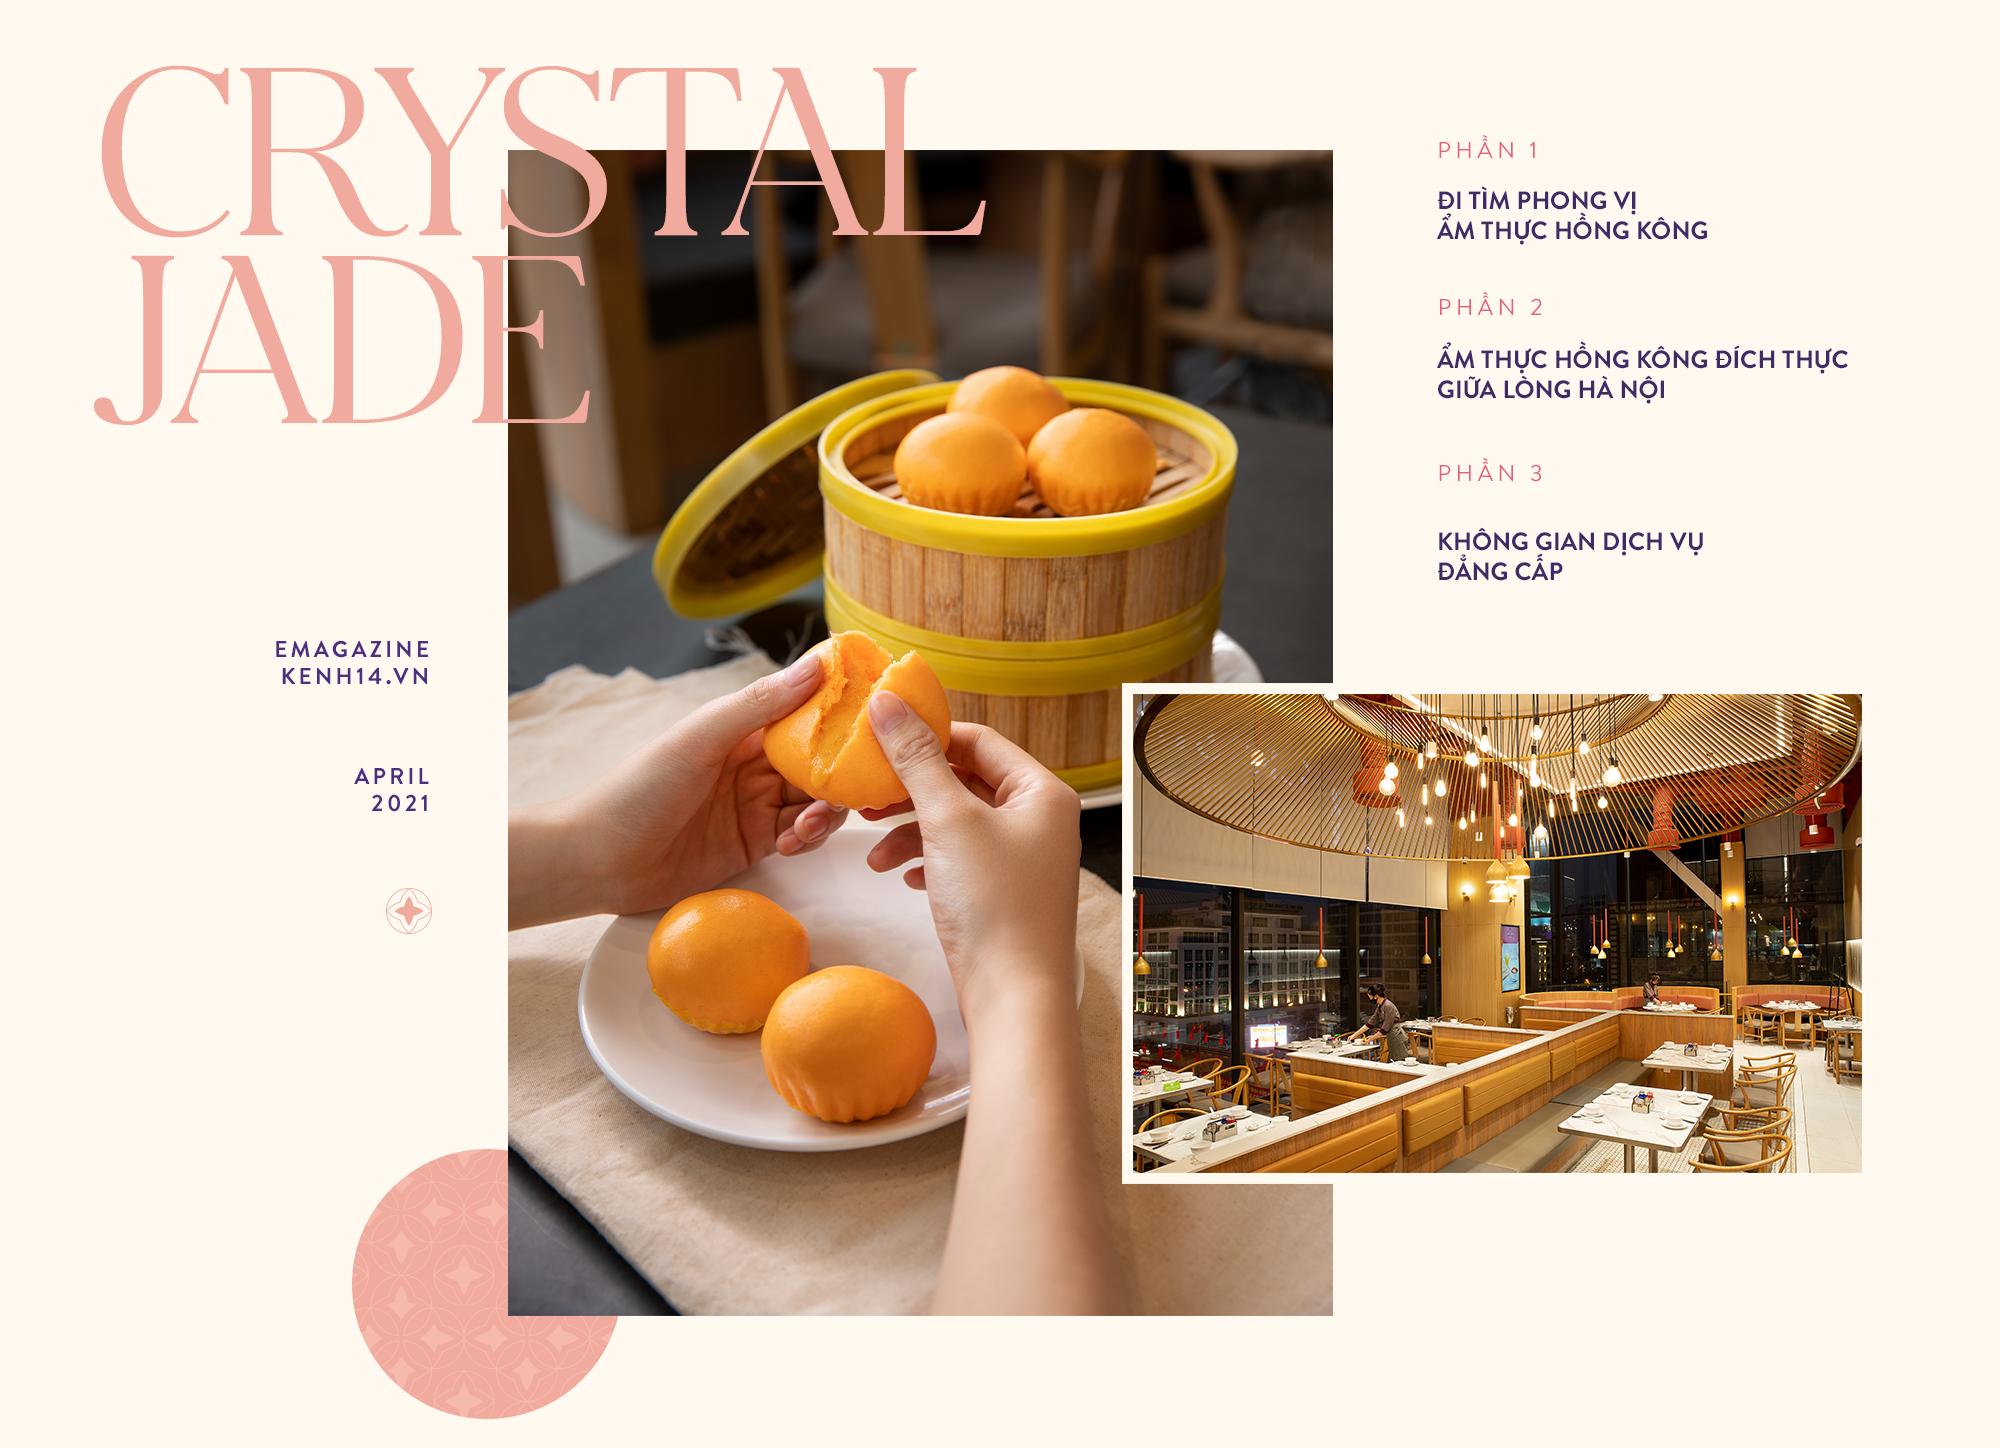 Hành trình mang phong vị ẩm thực Hồng Kông 30 năm đẳng cấp Michelin từ Singapore tới Hà Nội - Ảnh 1.